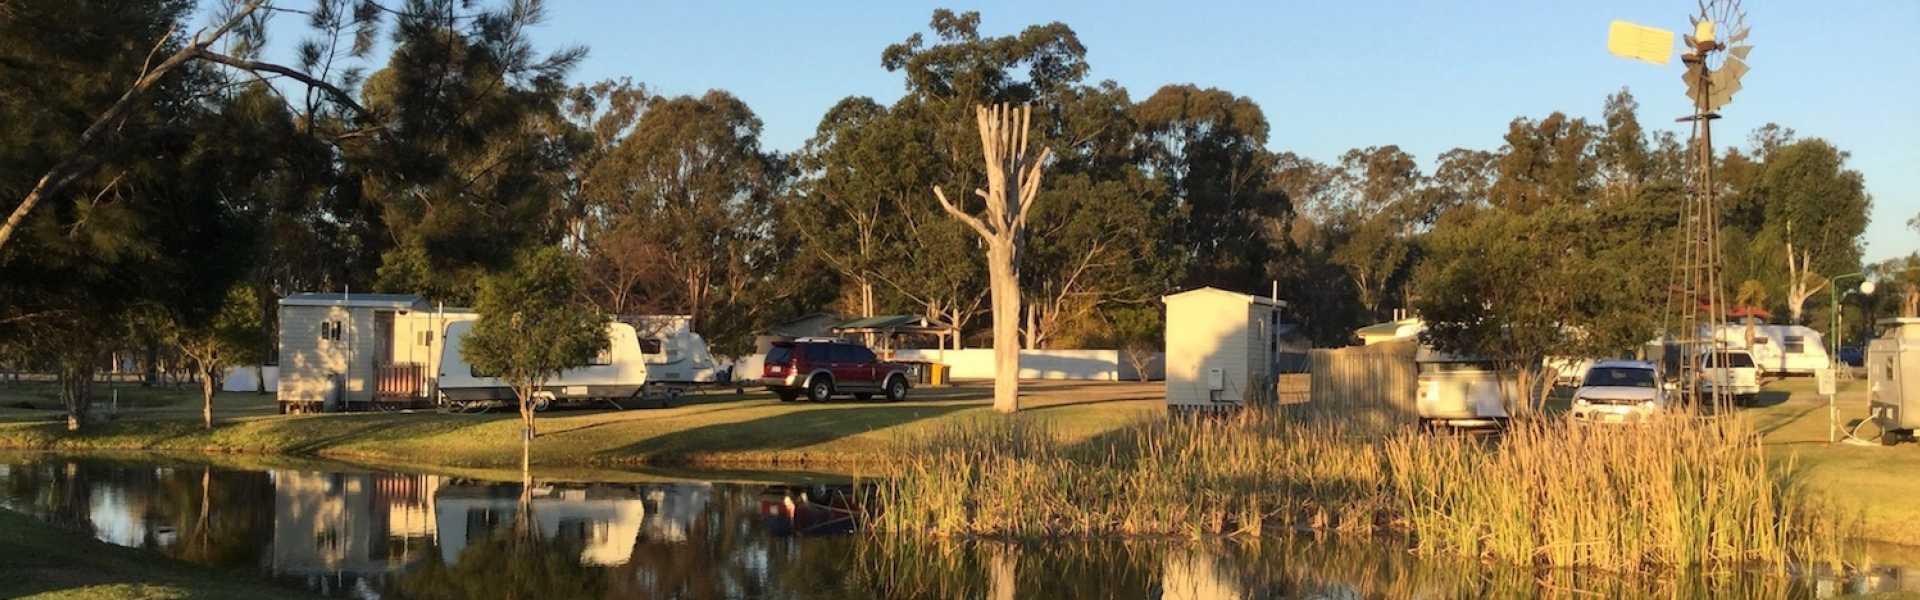 Kui Parks, Crows Nest Caravan Park, Sites